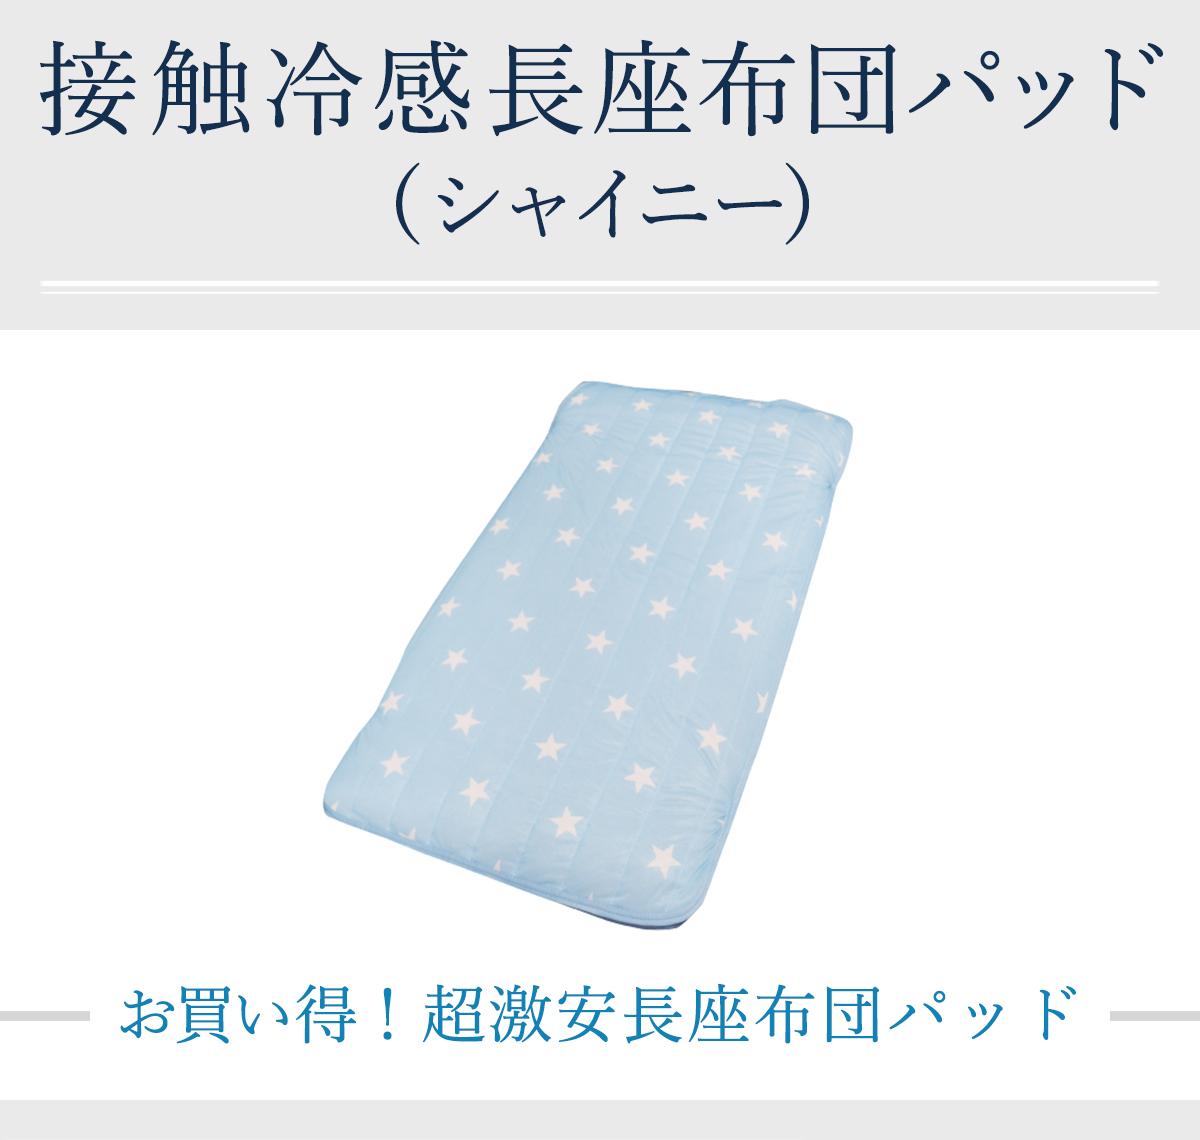 接触冷感 長座布団パッド シャイニー (ブルー・68x120cm)